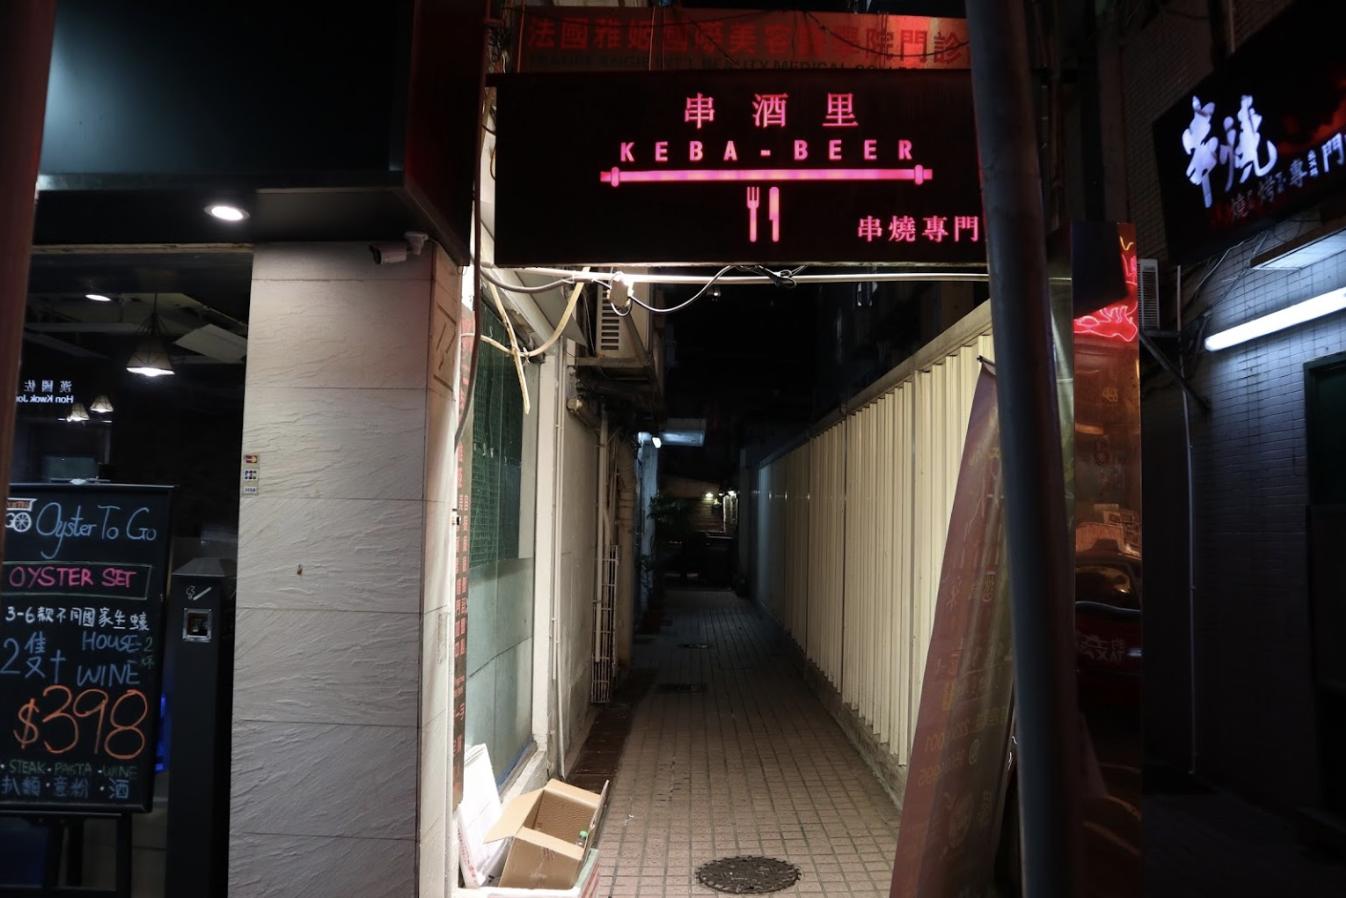 旺角燒肉/串酒里/鋪頭都比較隱蔽,係後巷裡, 但入到去雖然細但好有氣氛,好岩啲人傾計既地方。